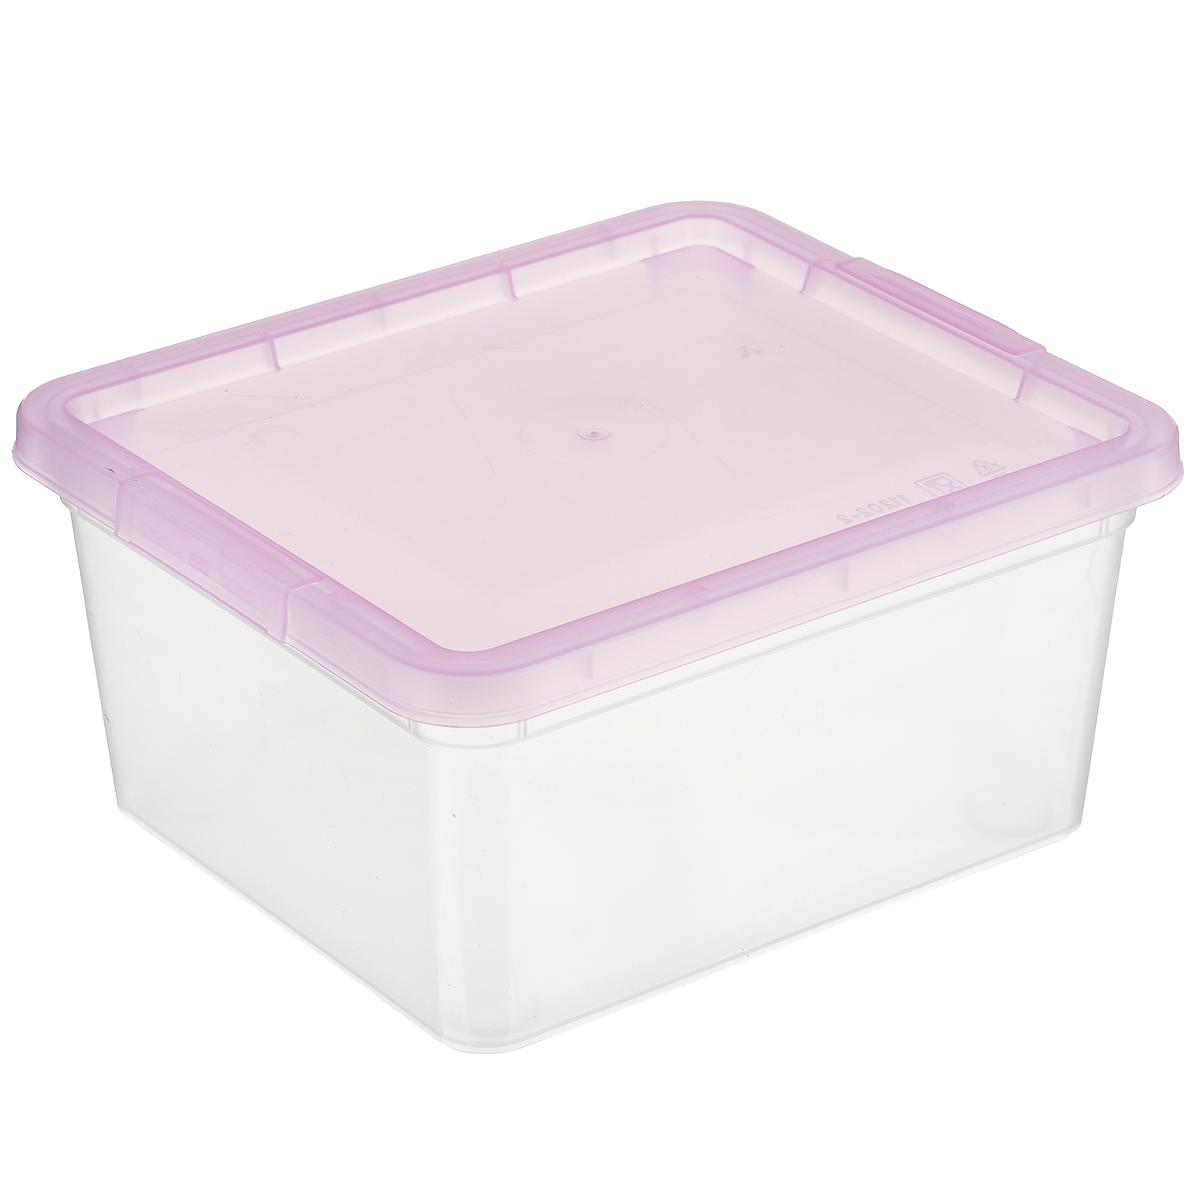 Коробка для мелочей Полимербыт, цвет: розовый, 1,9 лС510 розовыйКоробка для мелочей Полимербыт изготовлена из прочного пластика. Стенки изделия прозрачные, что позволяет видеть содержимое. Цветная полупрозрачная крышка плотно закрывается и легко открывается. Коробка идеально подходит для хранения различных мелких бытовых предметов, таких как канцелярские принадлежности, аксессуары для рукоделия и т.д. Такая коробка сохранит все мелкие предметы в одном месте и поможет поддерживать в доме порядок.